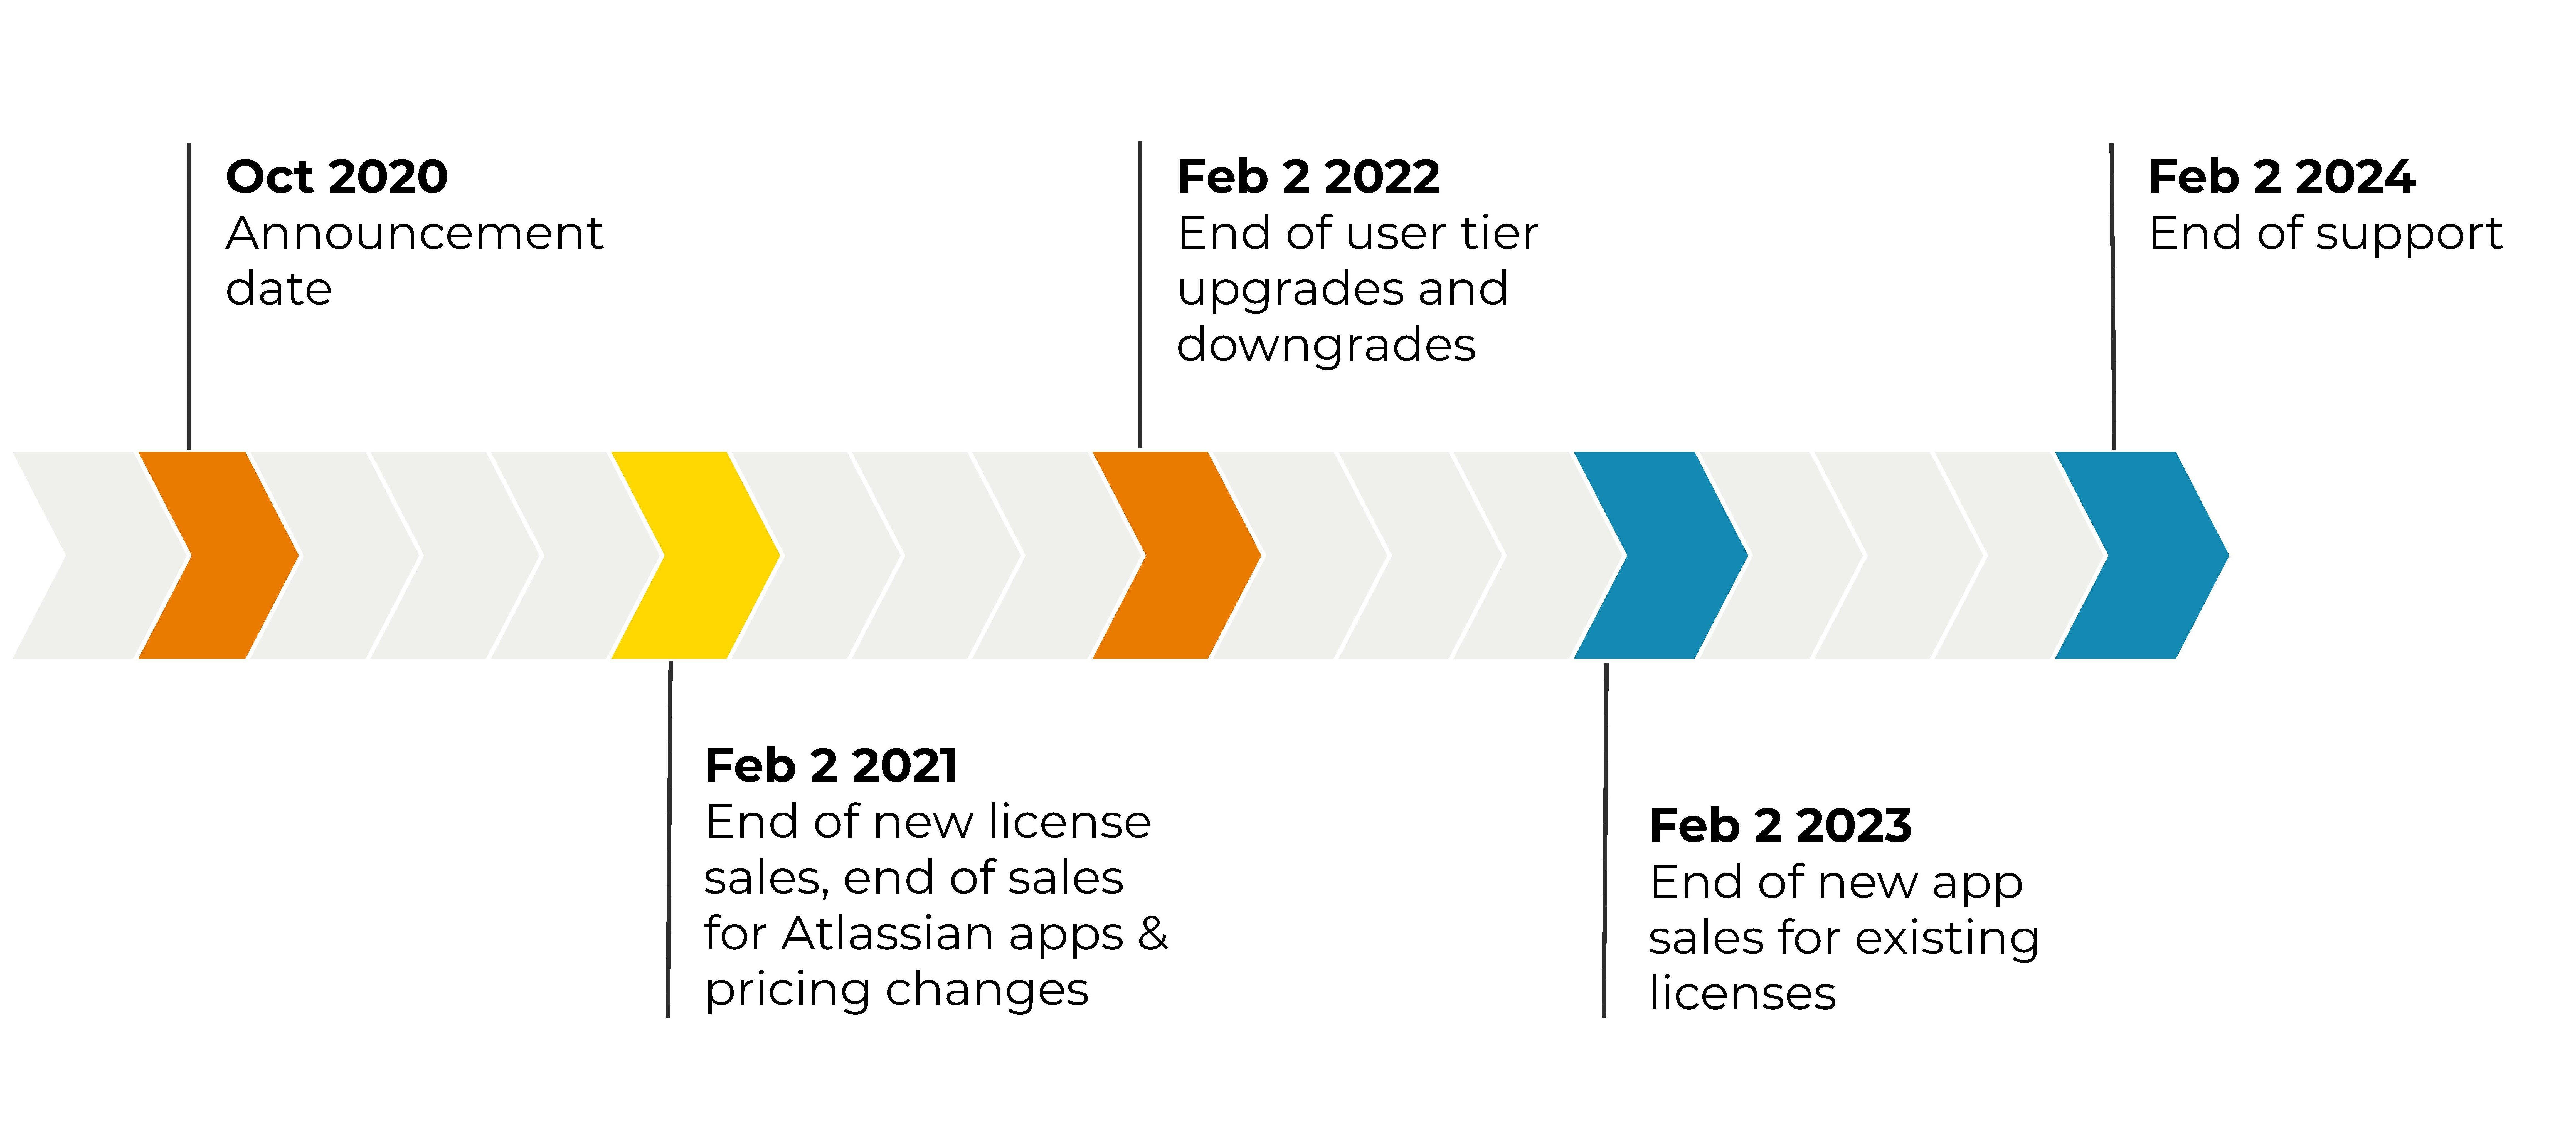 Atlassian Timeline 2020 v2